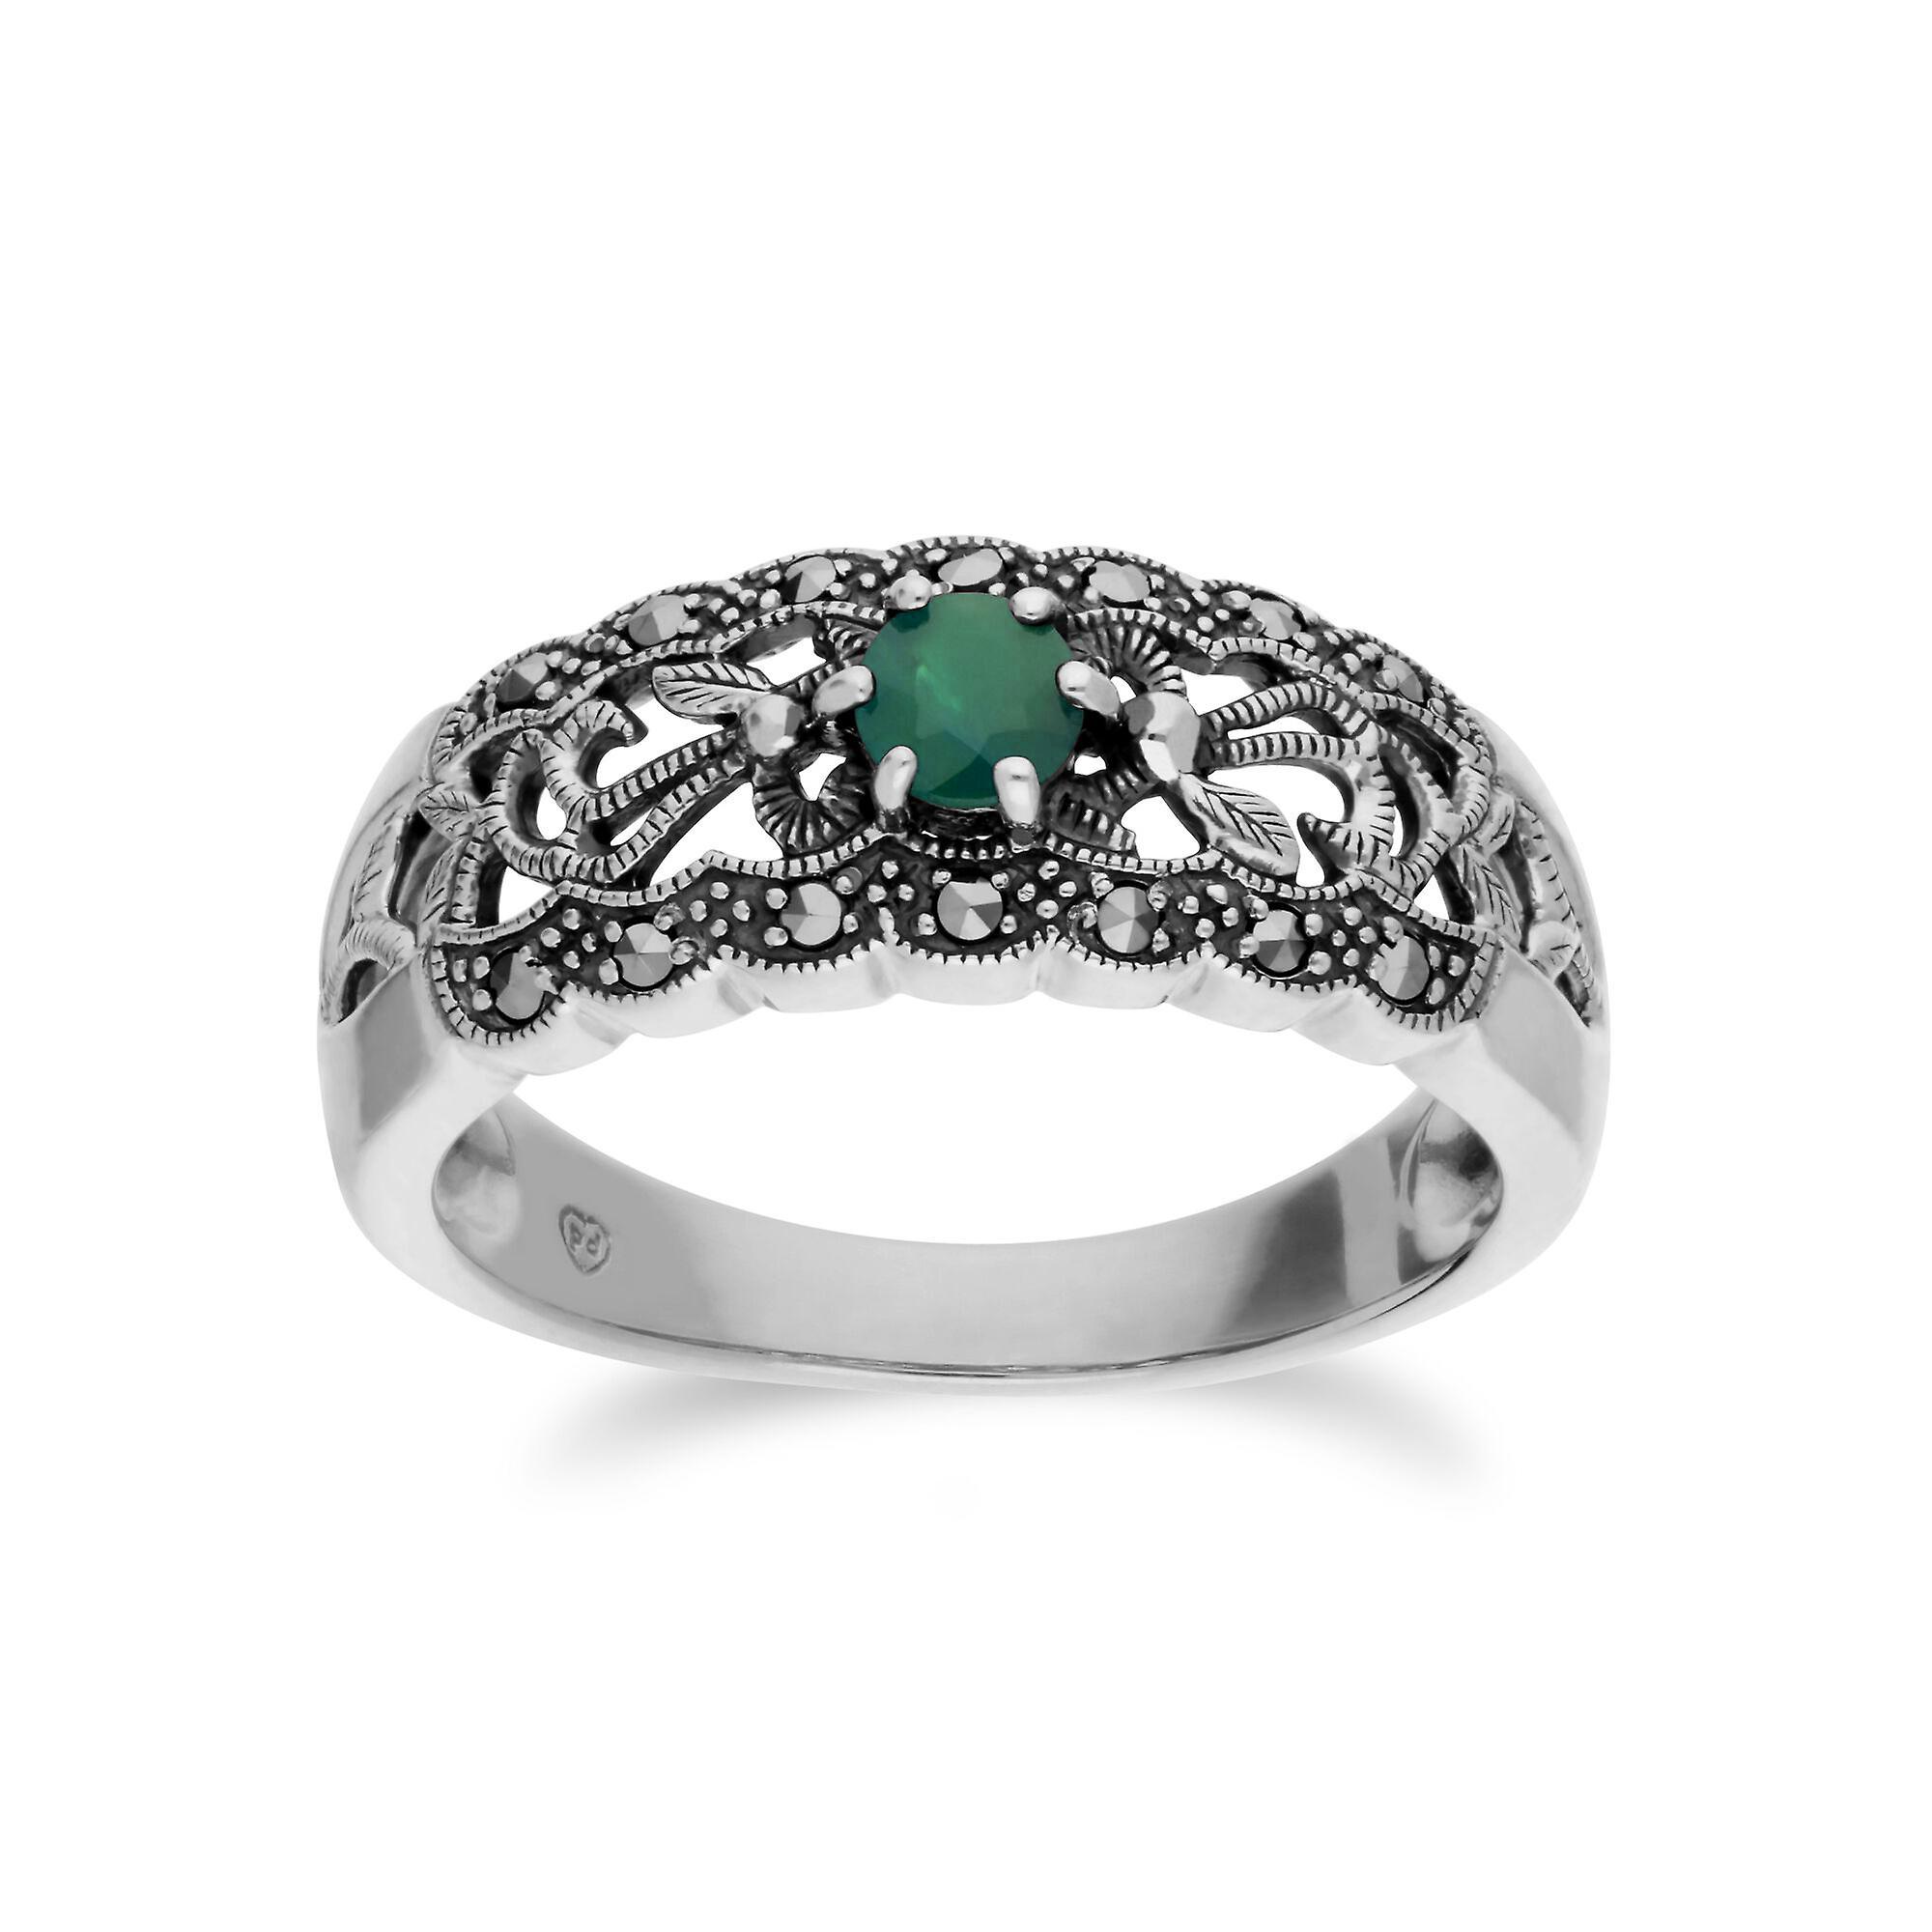 Gemondo argent Sterling Emerald & marcassite Art Nouveau Ring